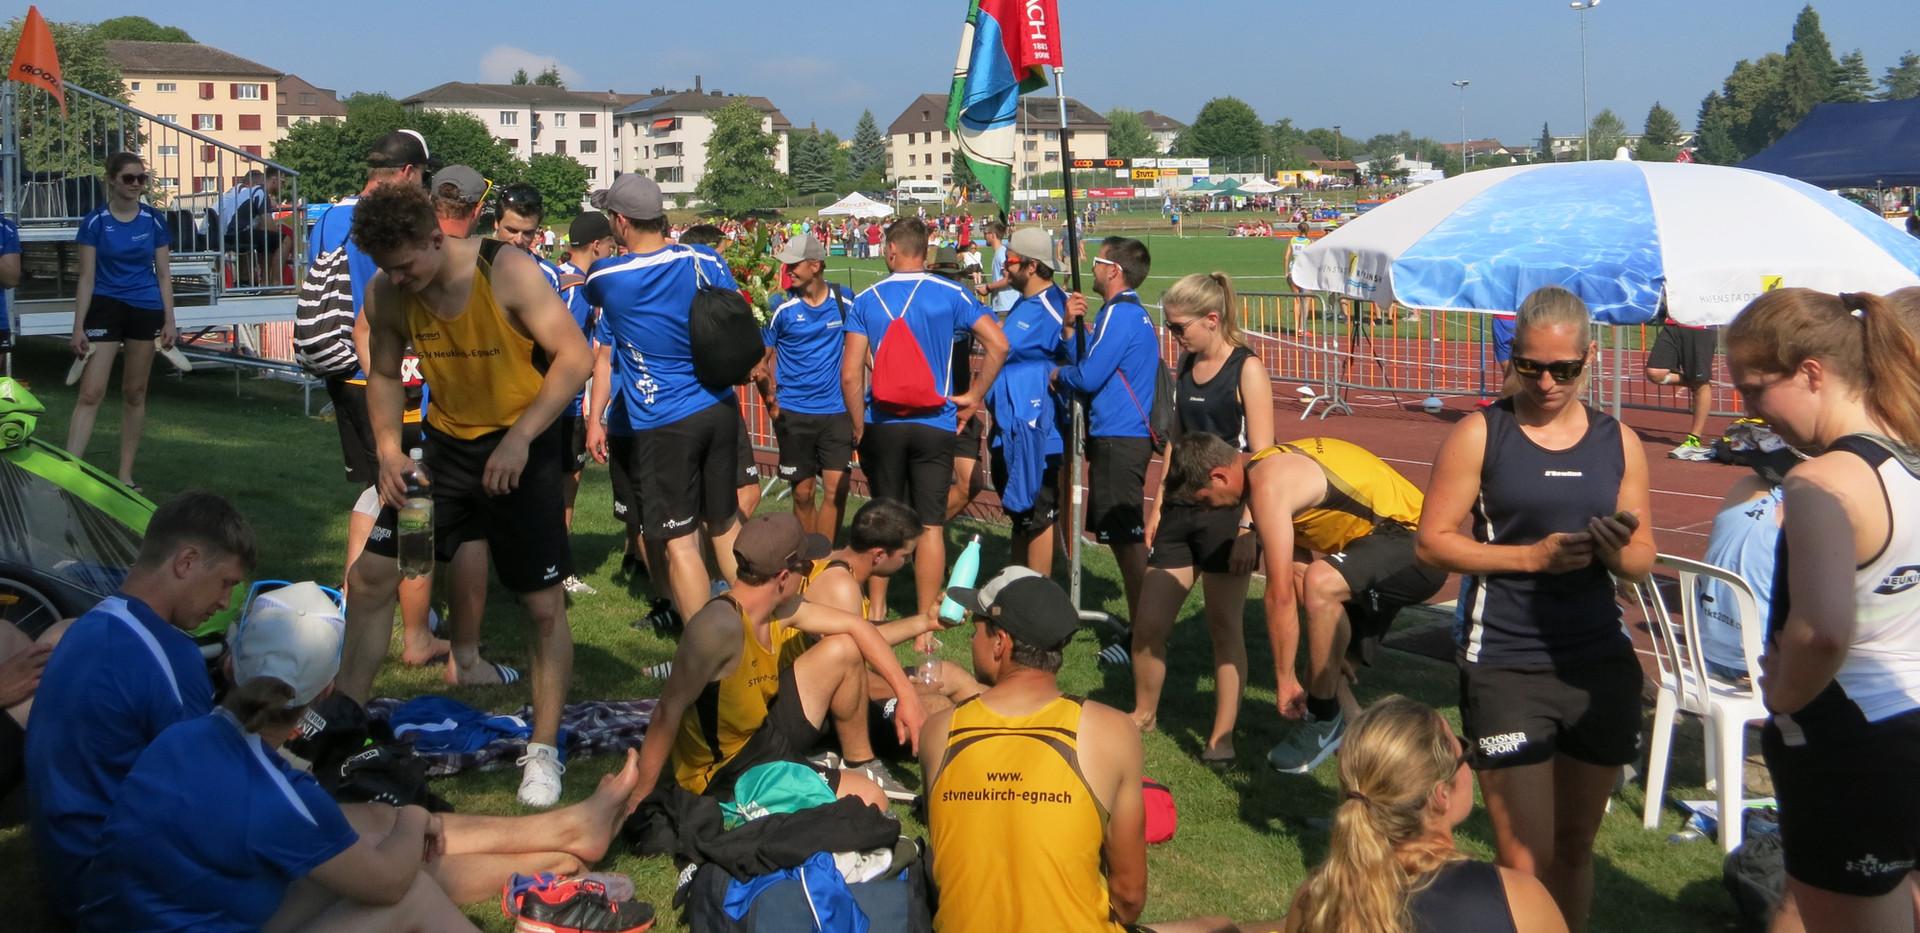 Turnfest Romanshorn 2018 (34).JPG